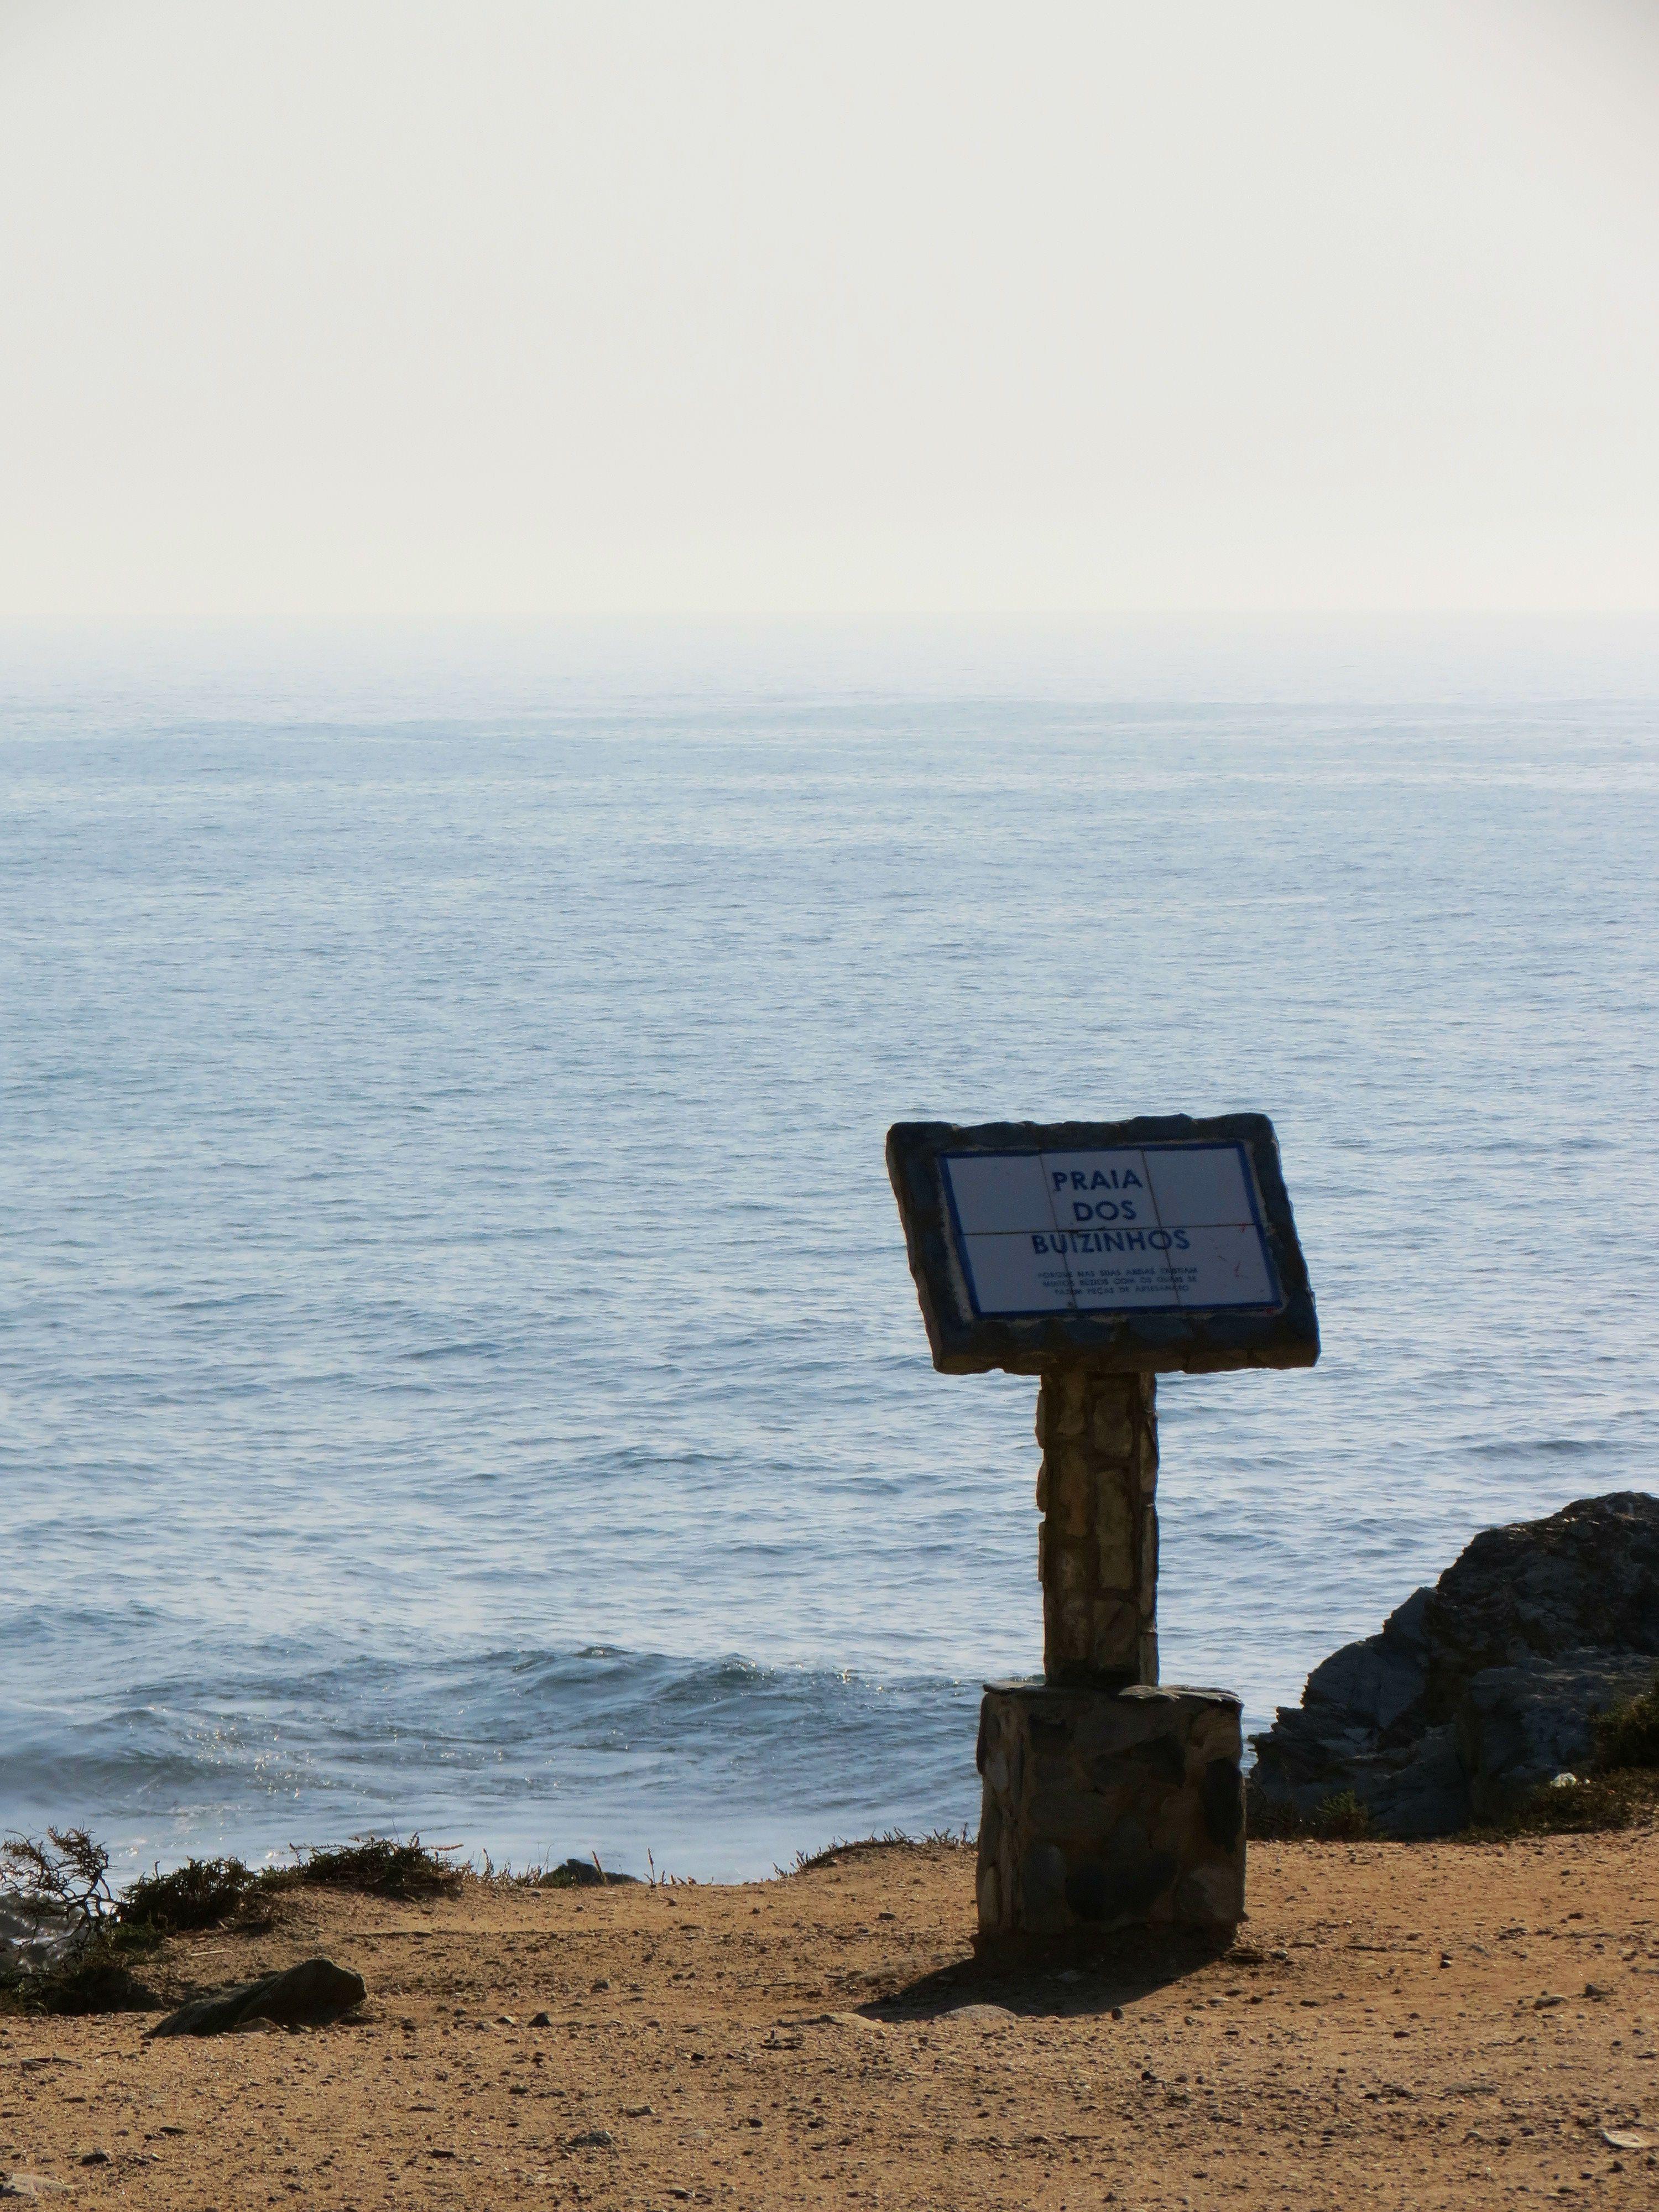 Seashell Beach , in Porto Covo, Alentejo #travelling #beach #alentejo #portugal